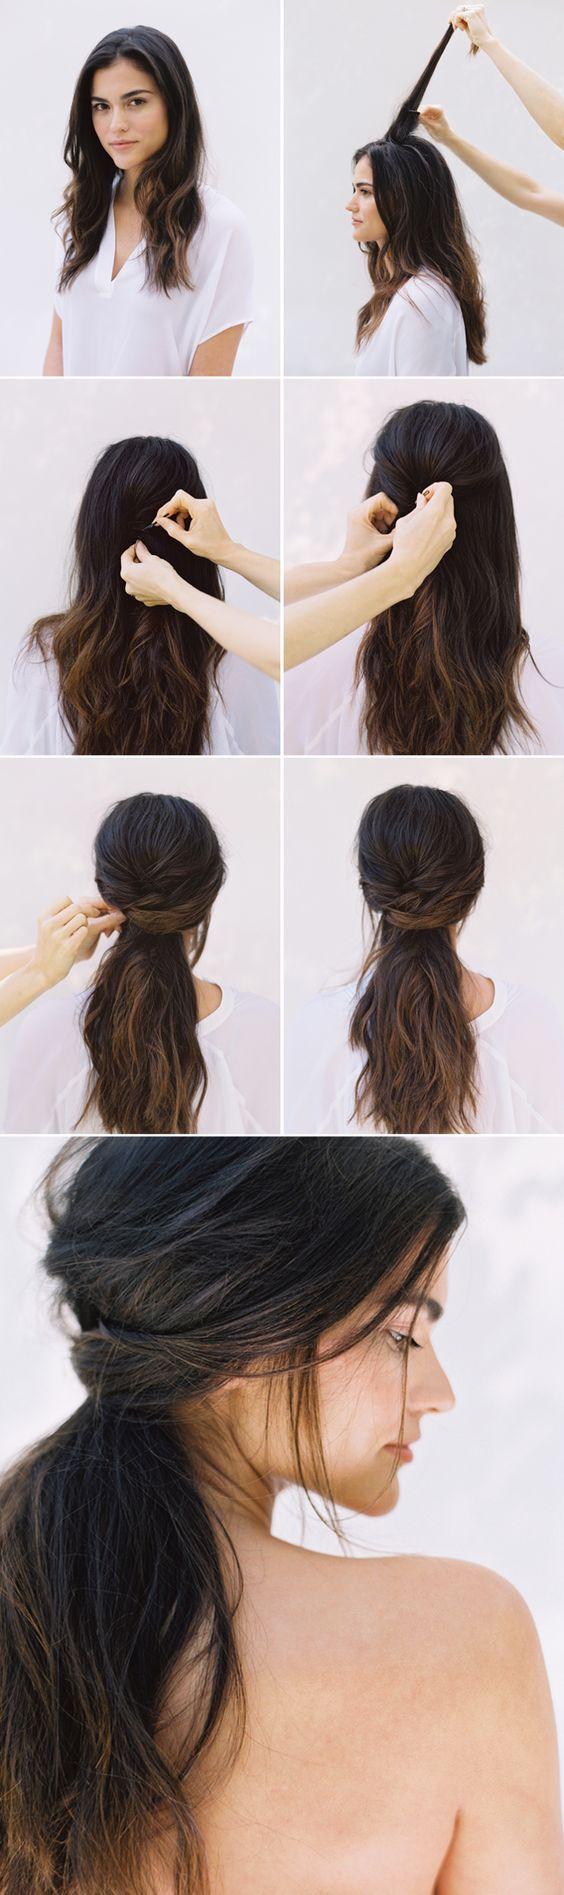 15 easy hair tutorials for curly hair - pretty designs